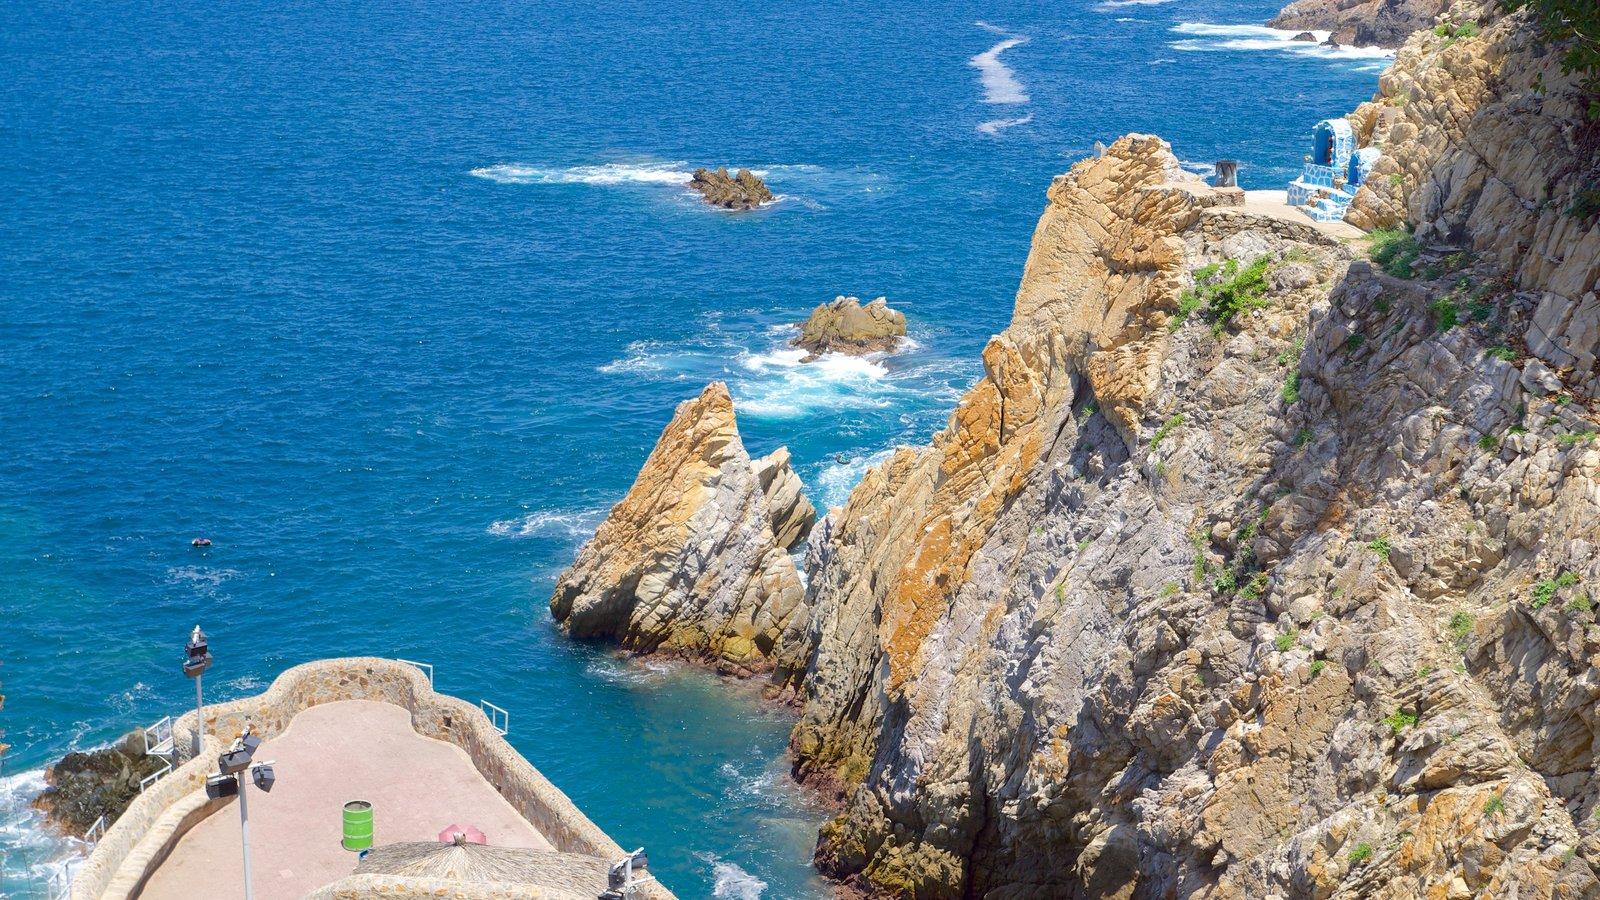 Acapulco mostrando vistas y costa escarpada